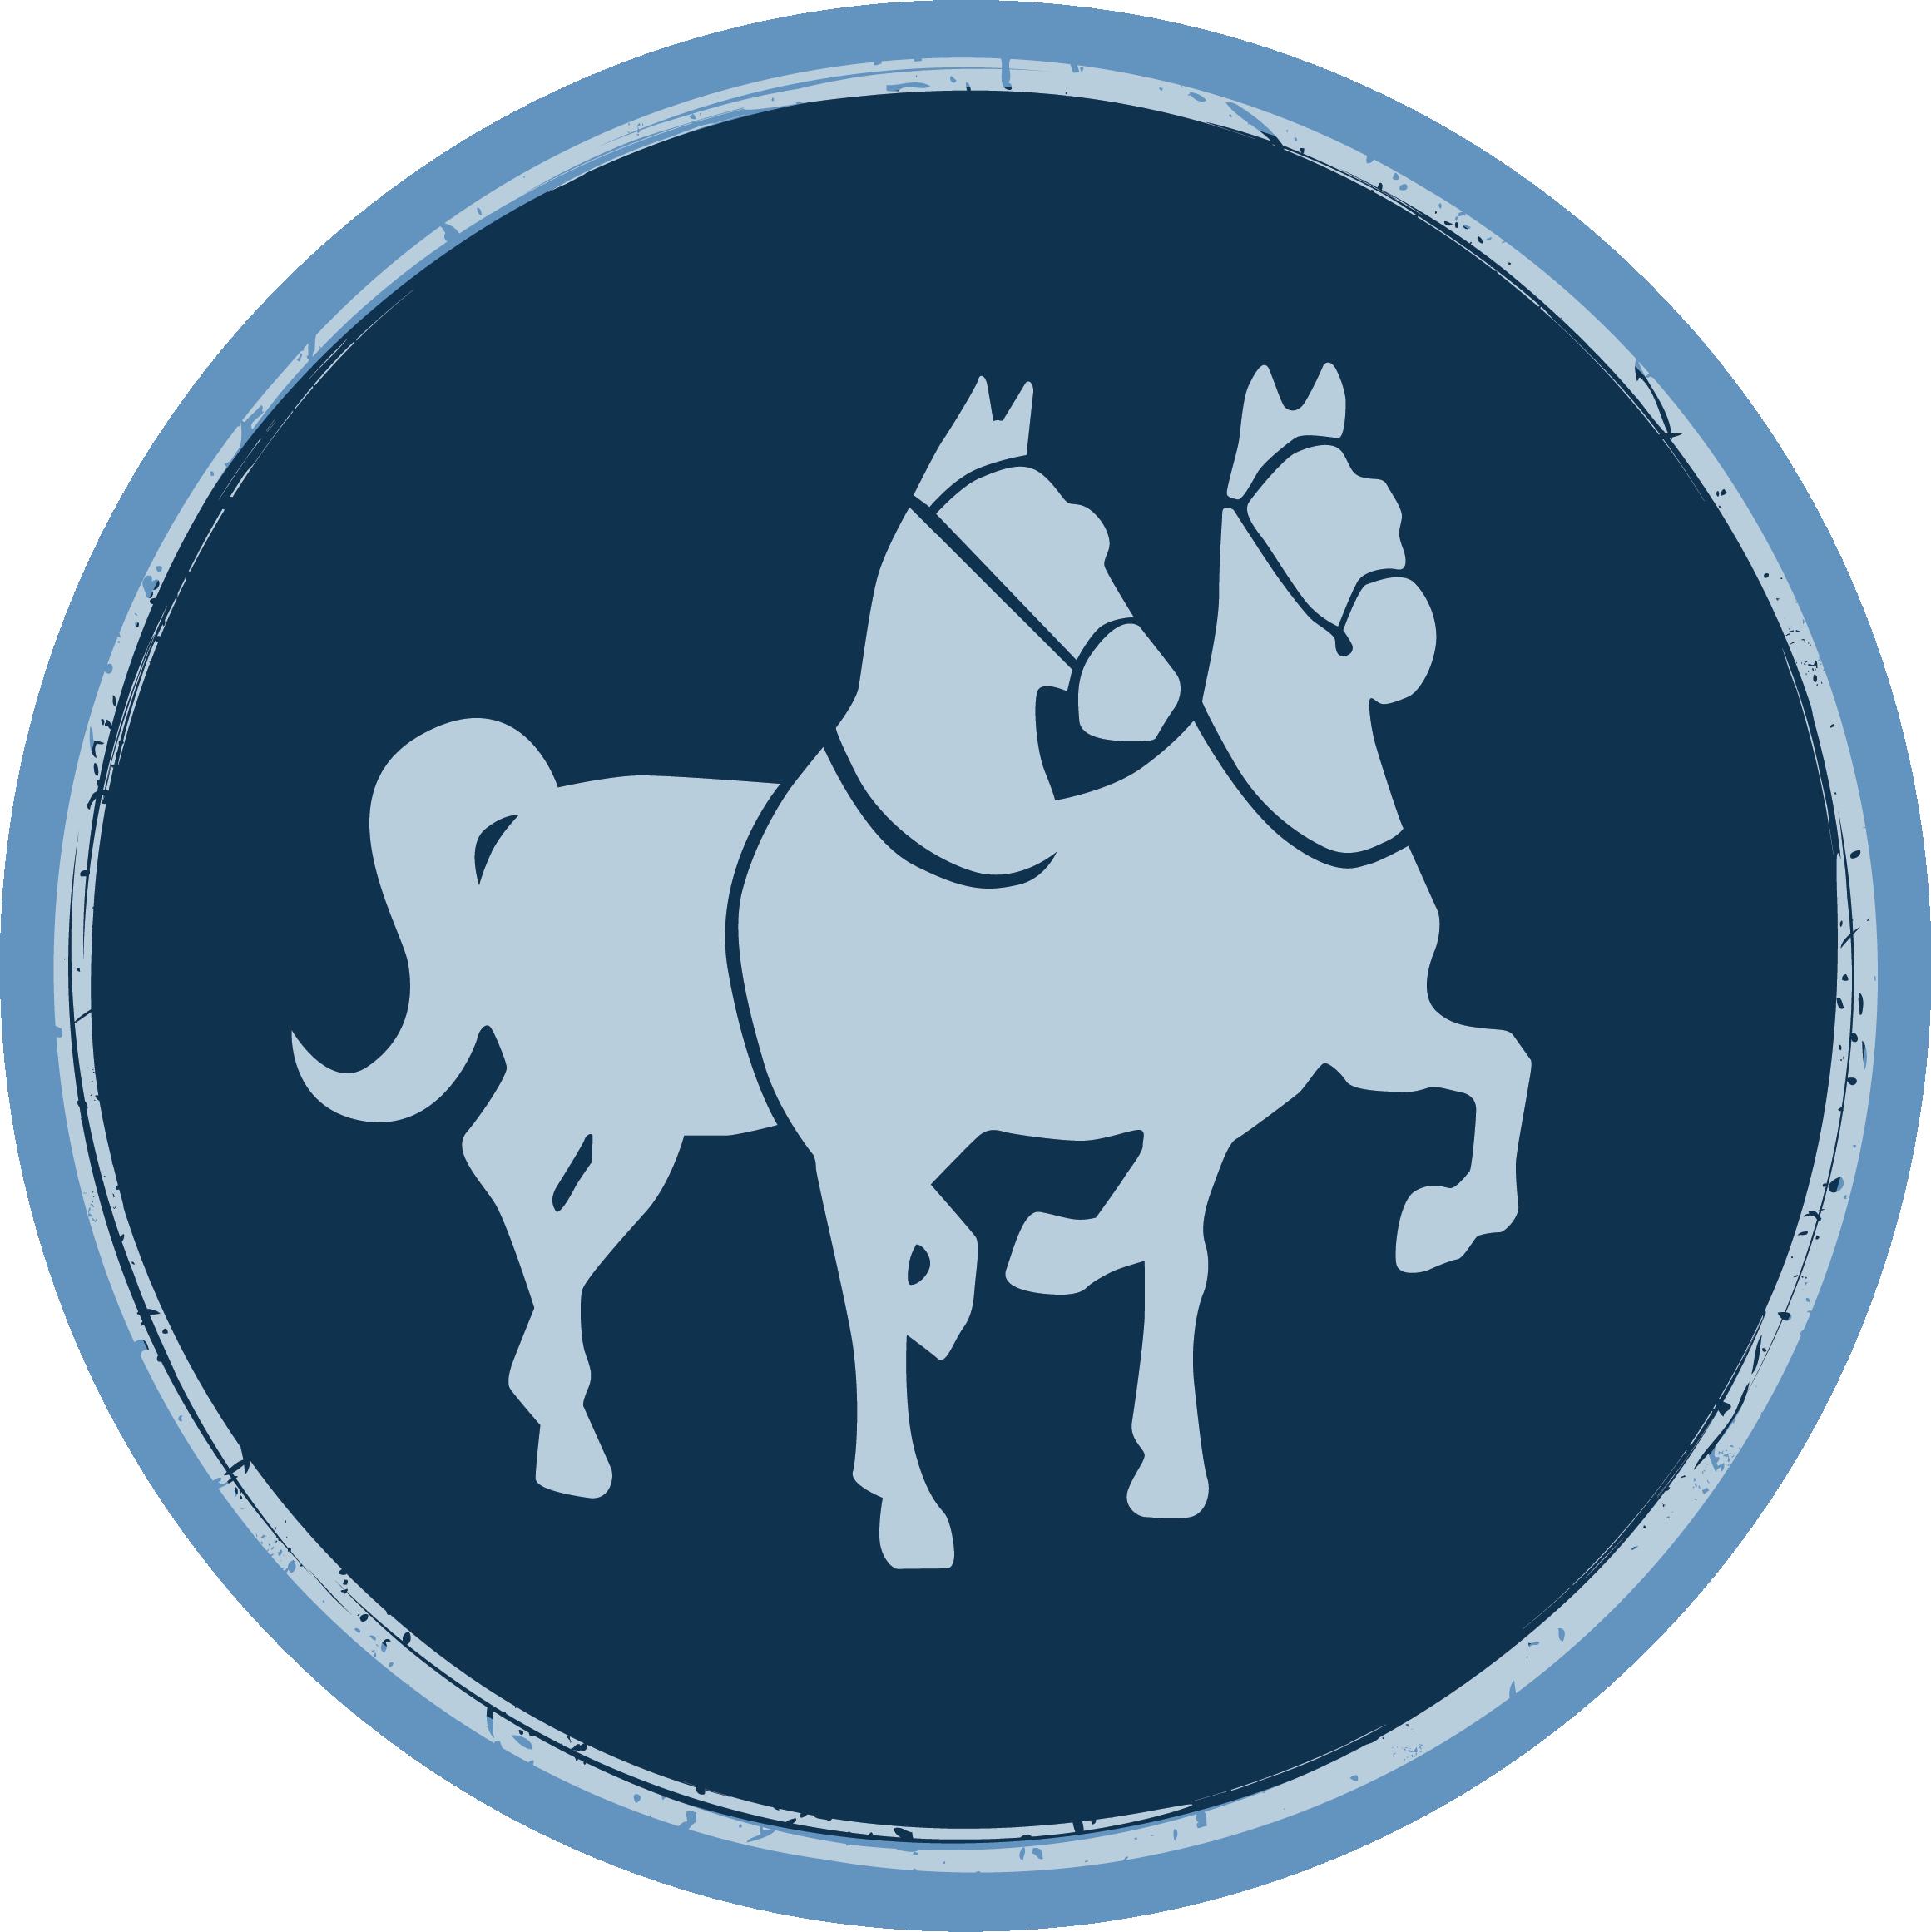 Koppelpaarden